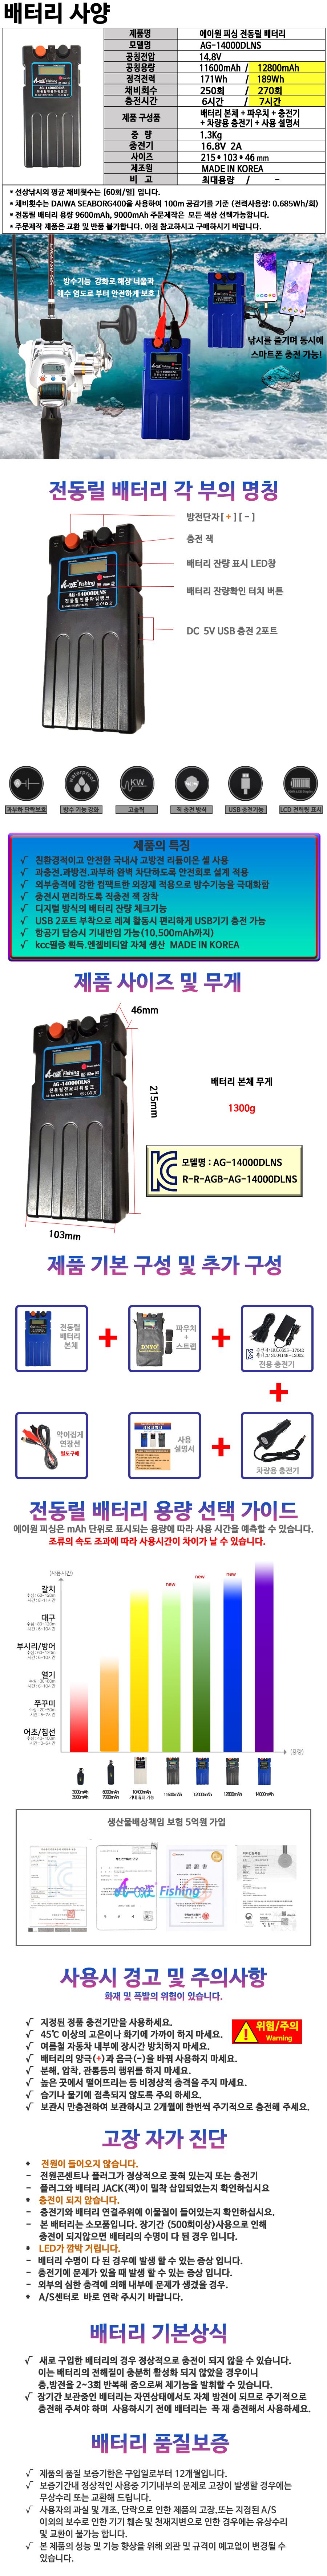 AG_14000DLNS_12800mAh.jpg